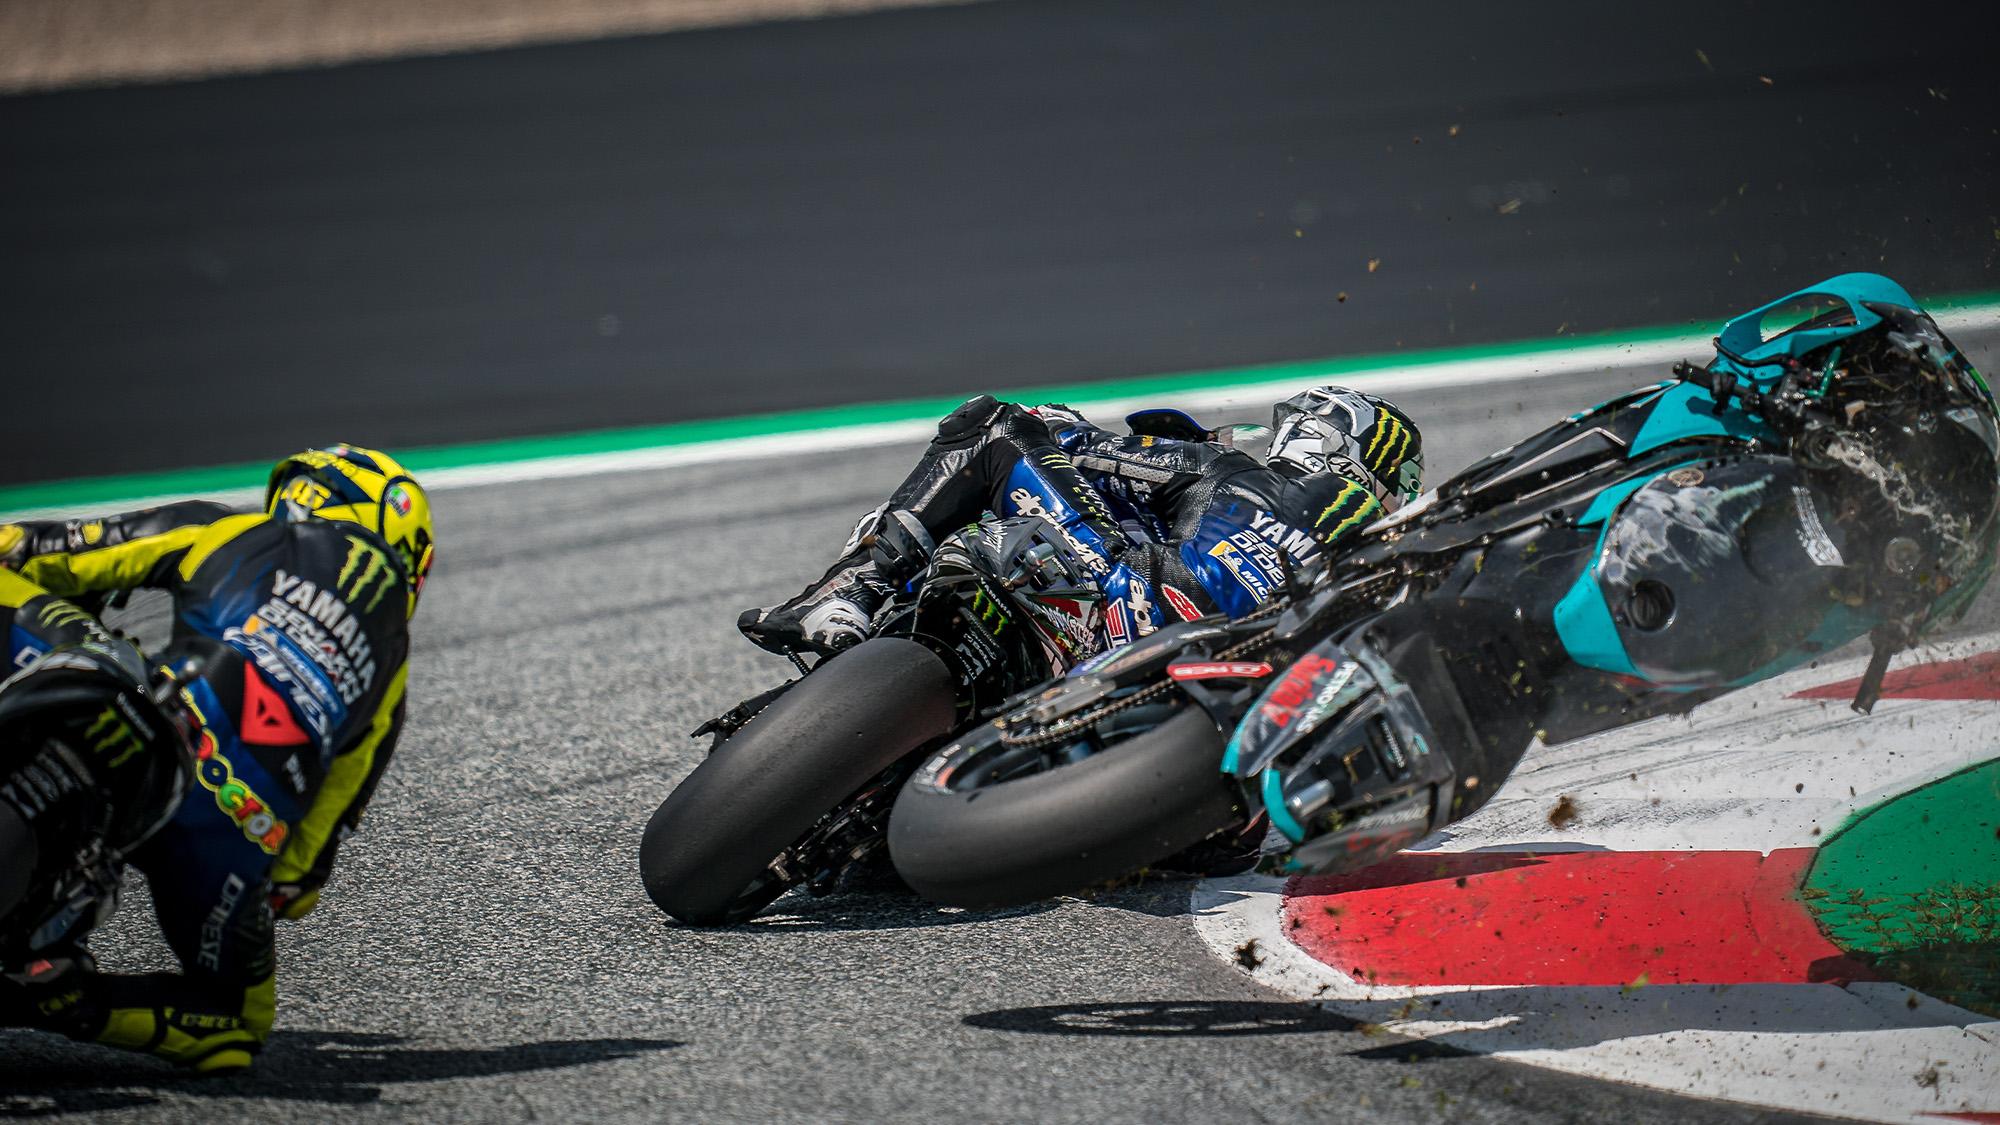 Franco Morbidelli crash at red Bull Ring in 2020